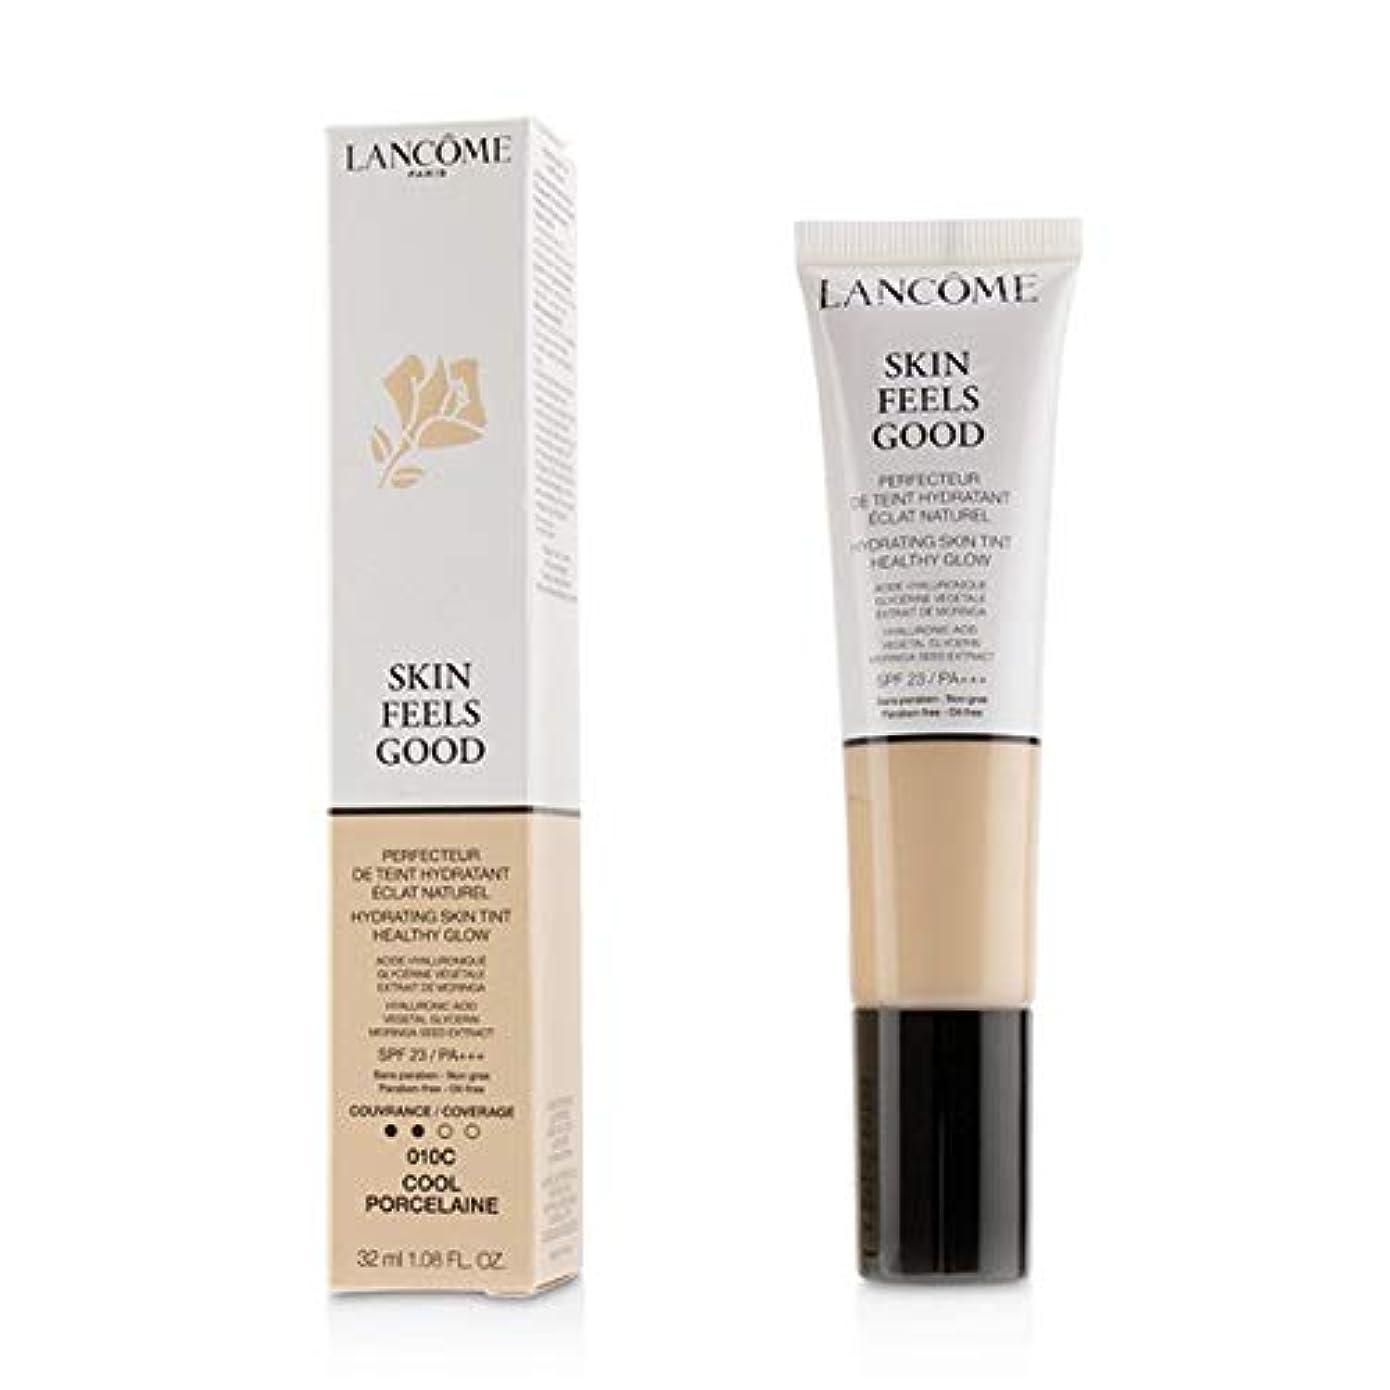 ストッキング期待して飛行場ランコム Skin Feels Good Hydrating Skin Tint Healthy Glow SPF 23 - # 010C Cool Porcelaine 32ml/1.08oz並行輸入品